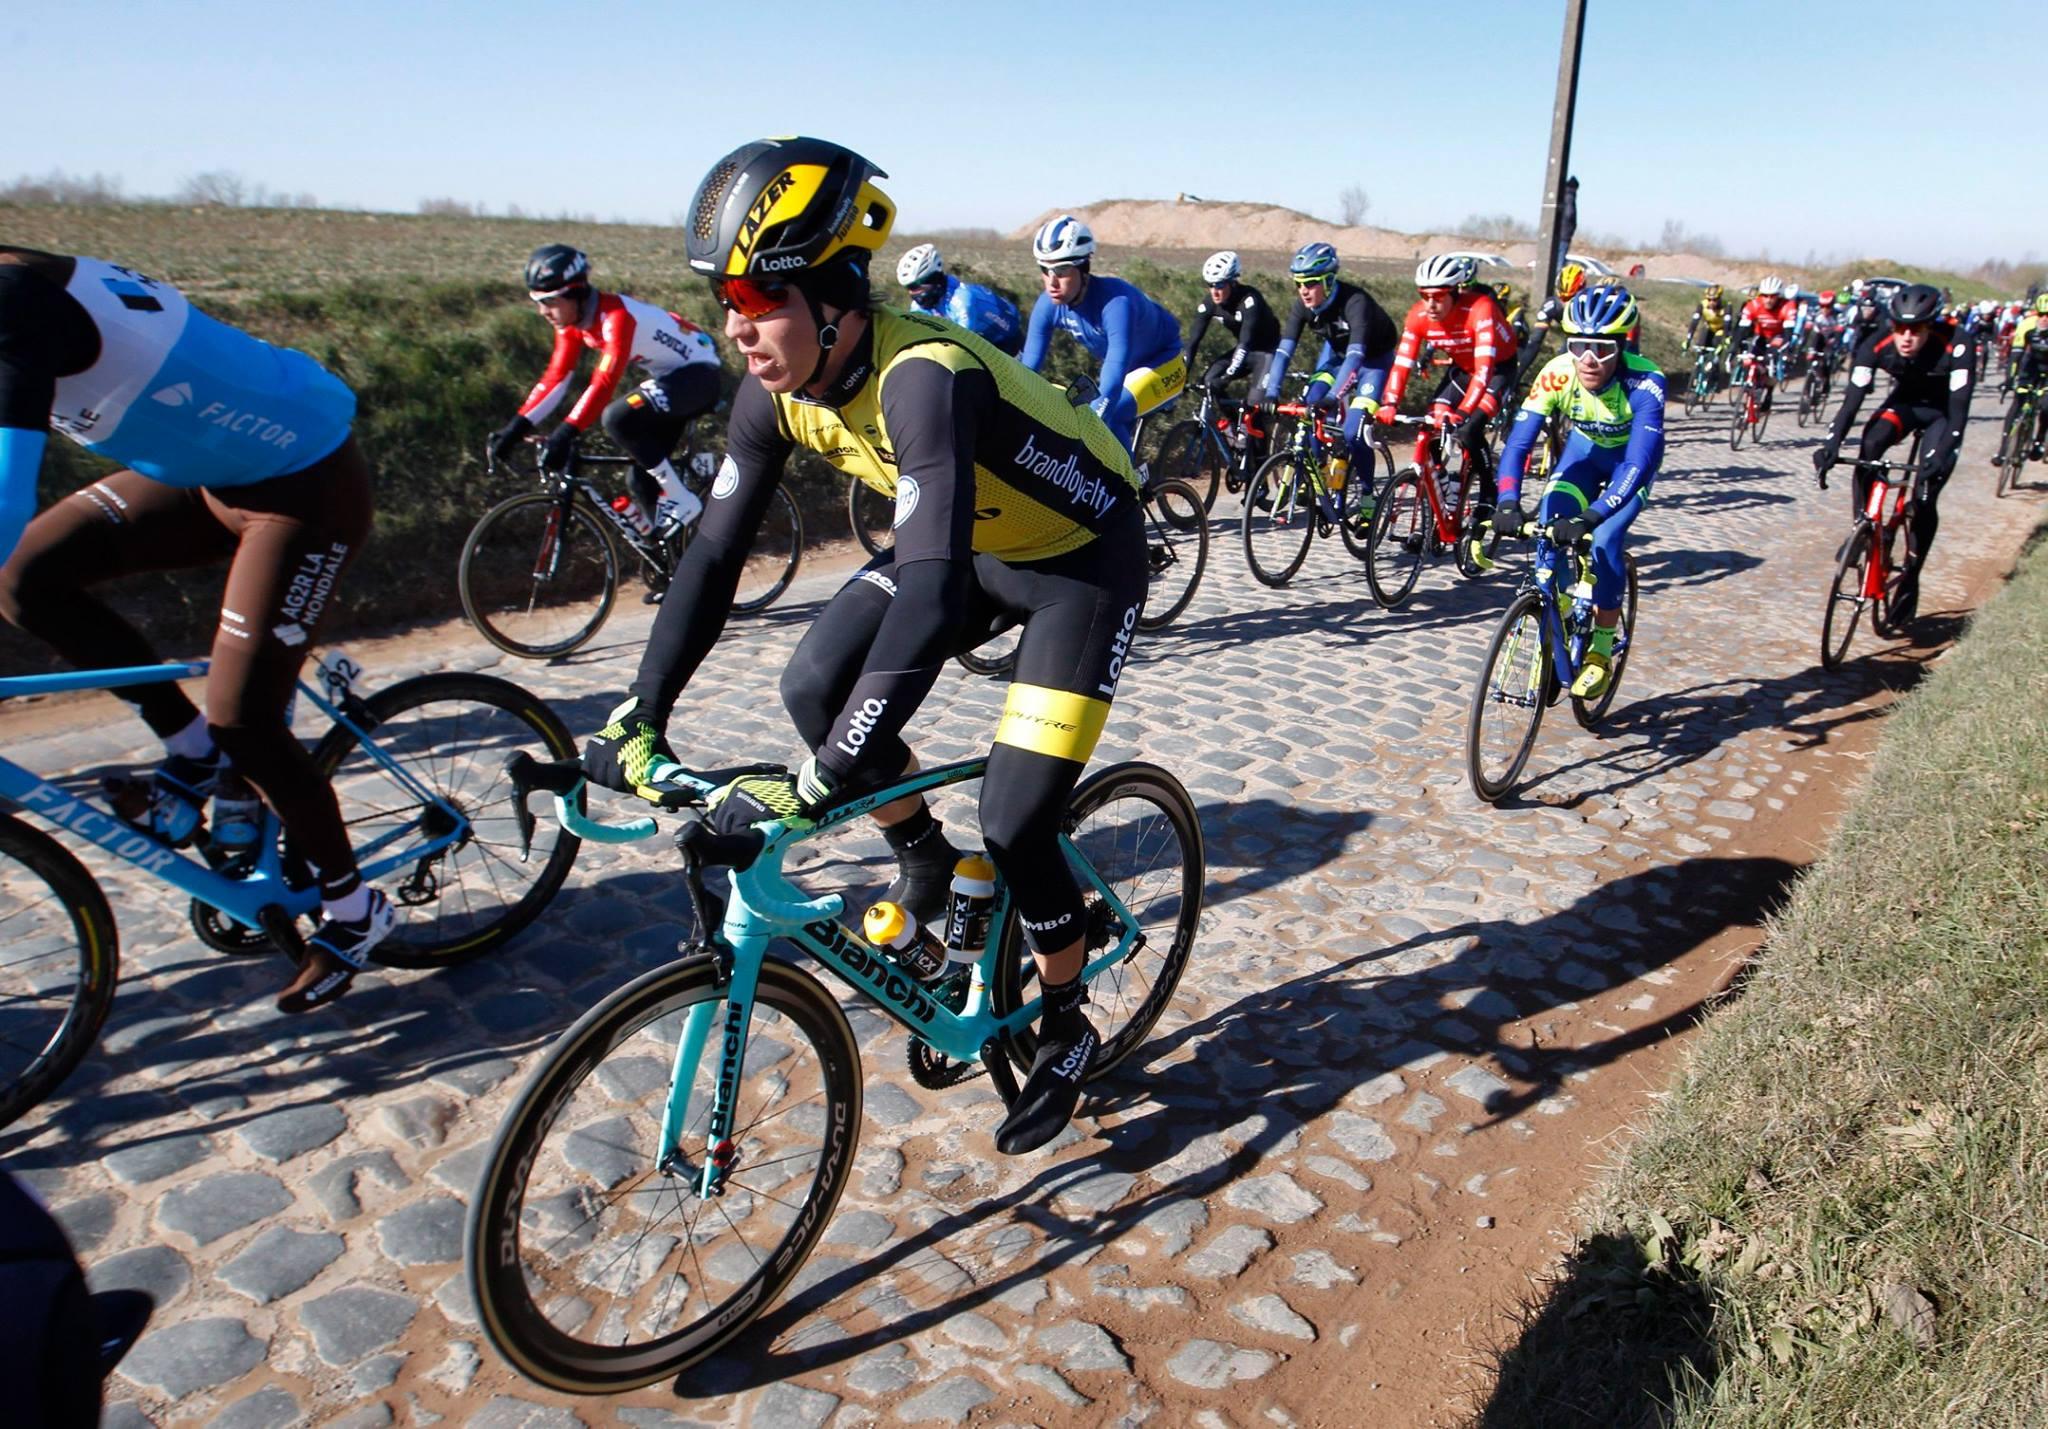 Дилан Груневеген выиграл велогонку «Кюрне — Брюссель — Кюрне»